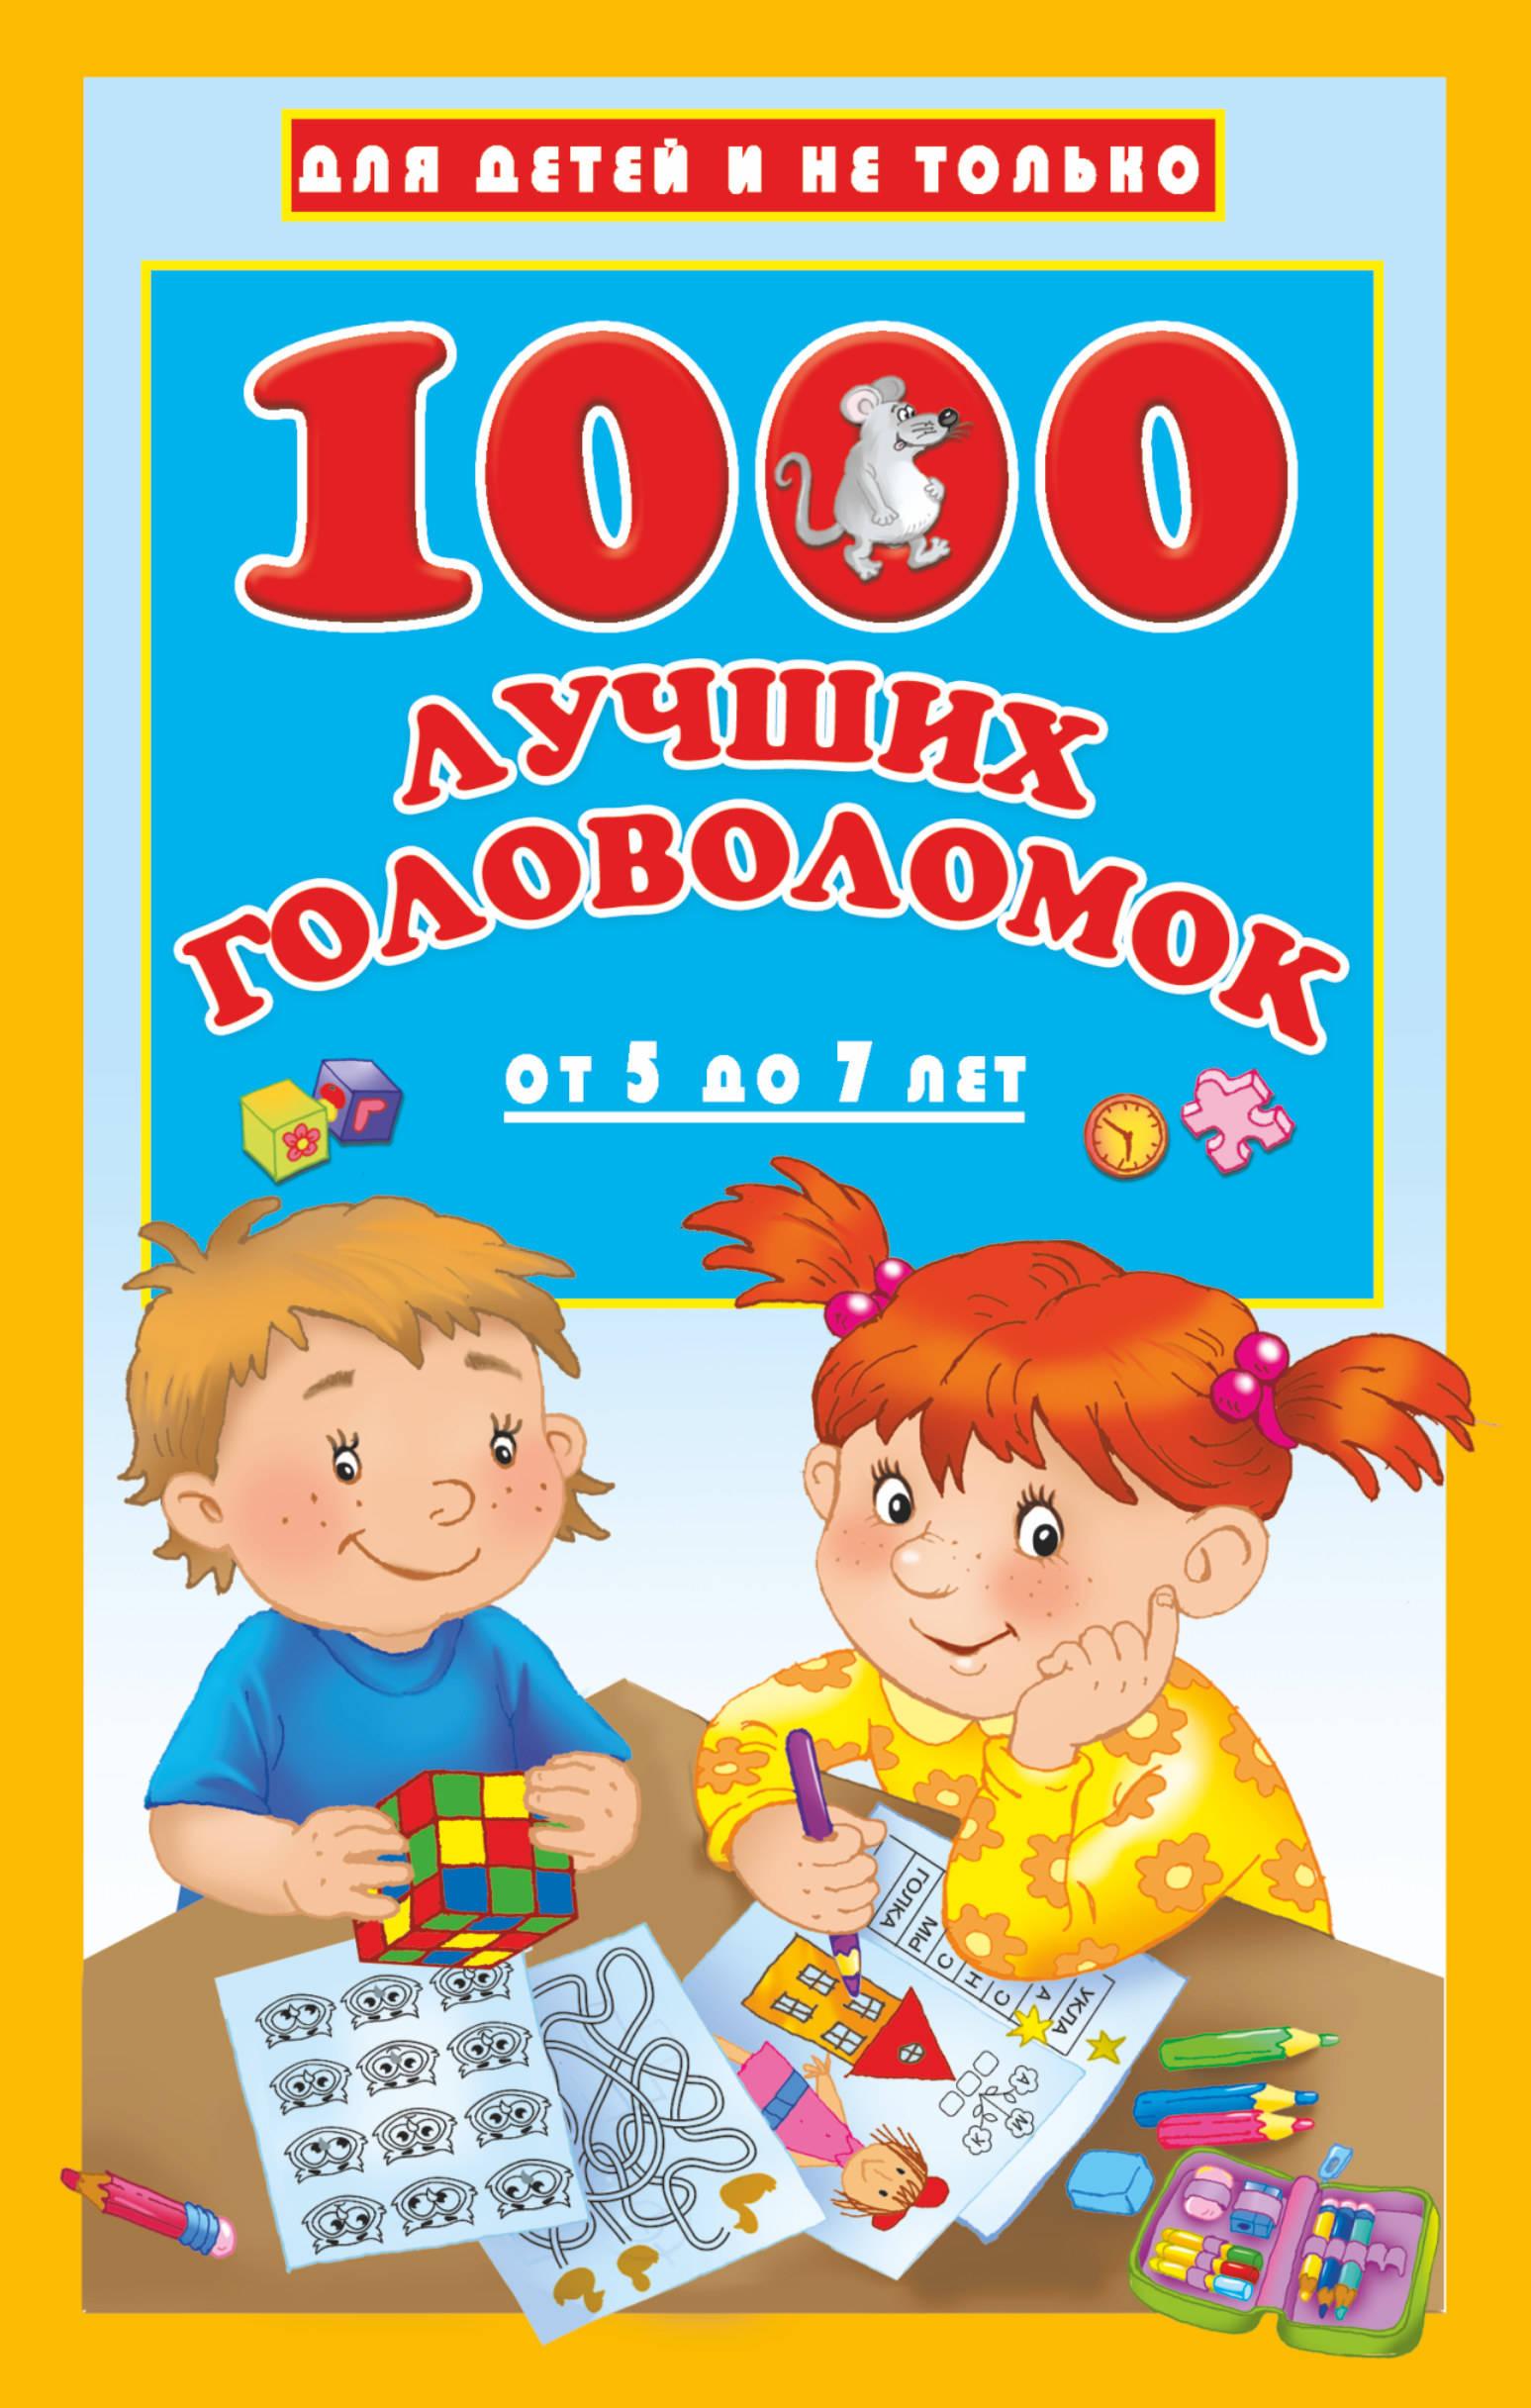 Дмитриева В.Г. 1000 лучших головоломок от 5 до 7 лет мореева т сост читаем детям от 5 до 7 лет isbn 9785699213856